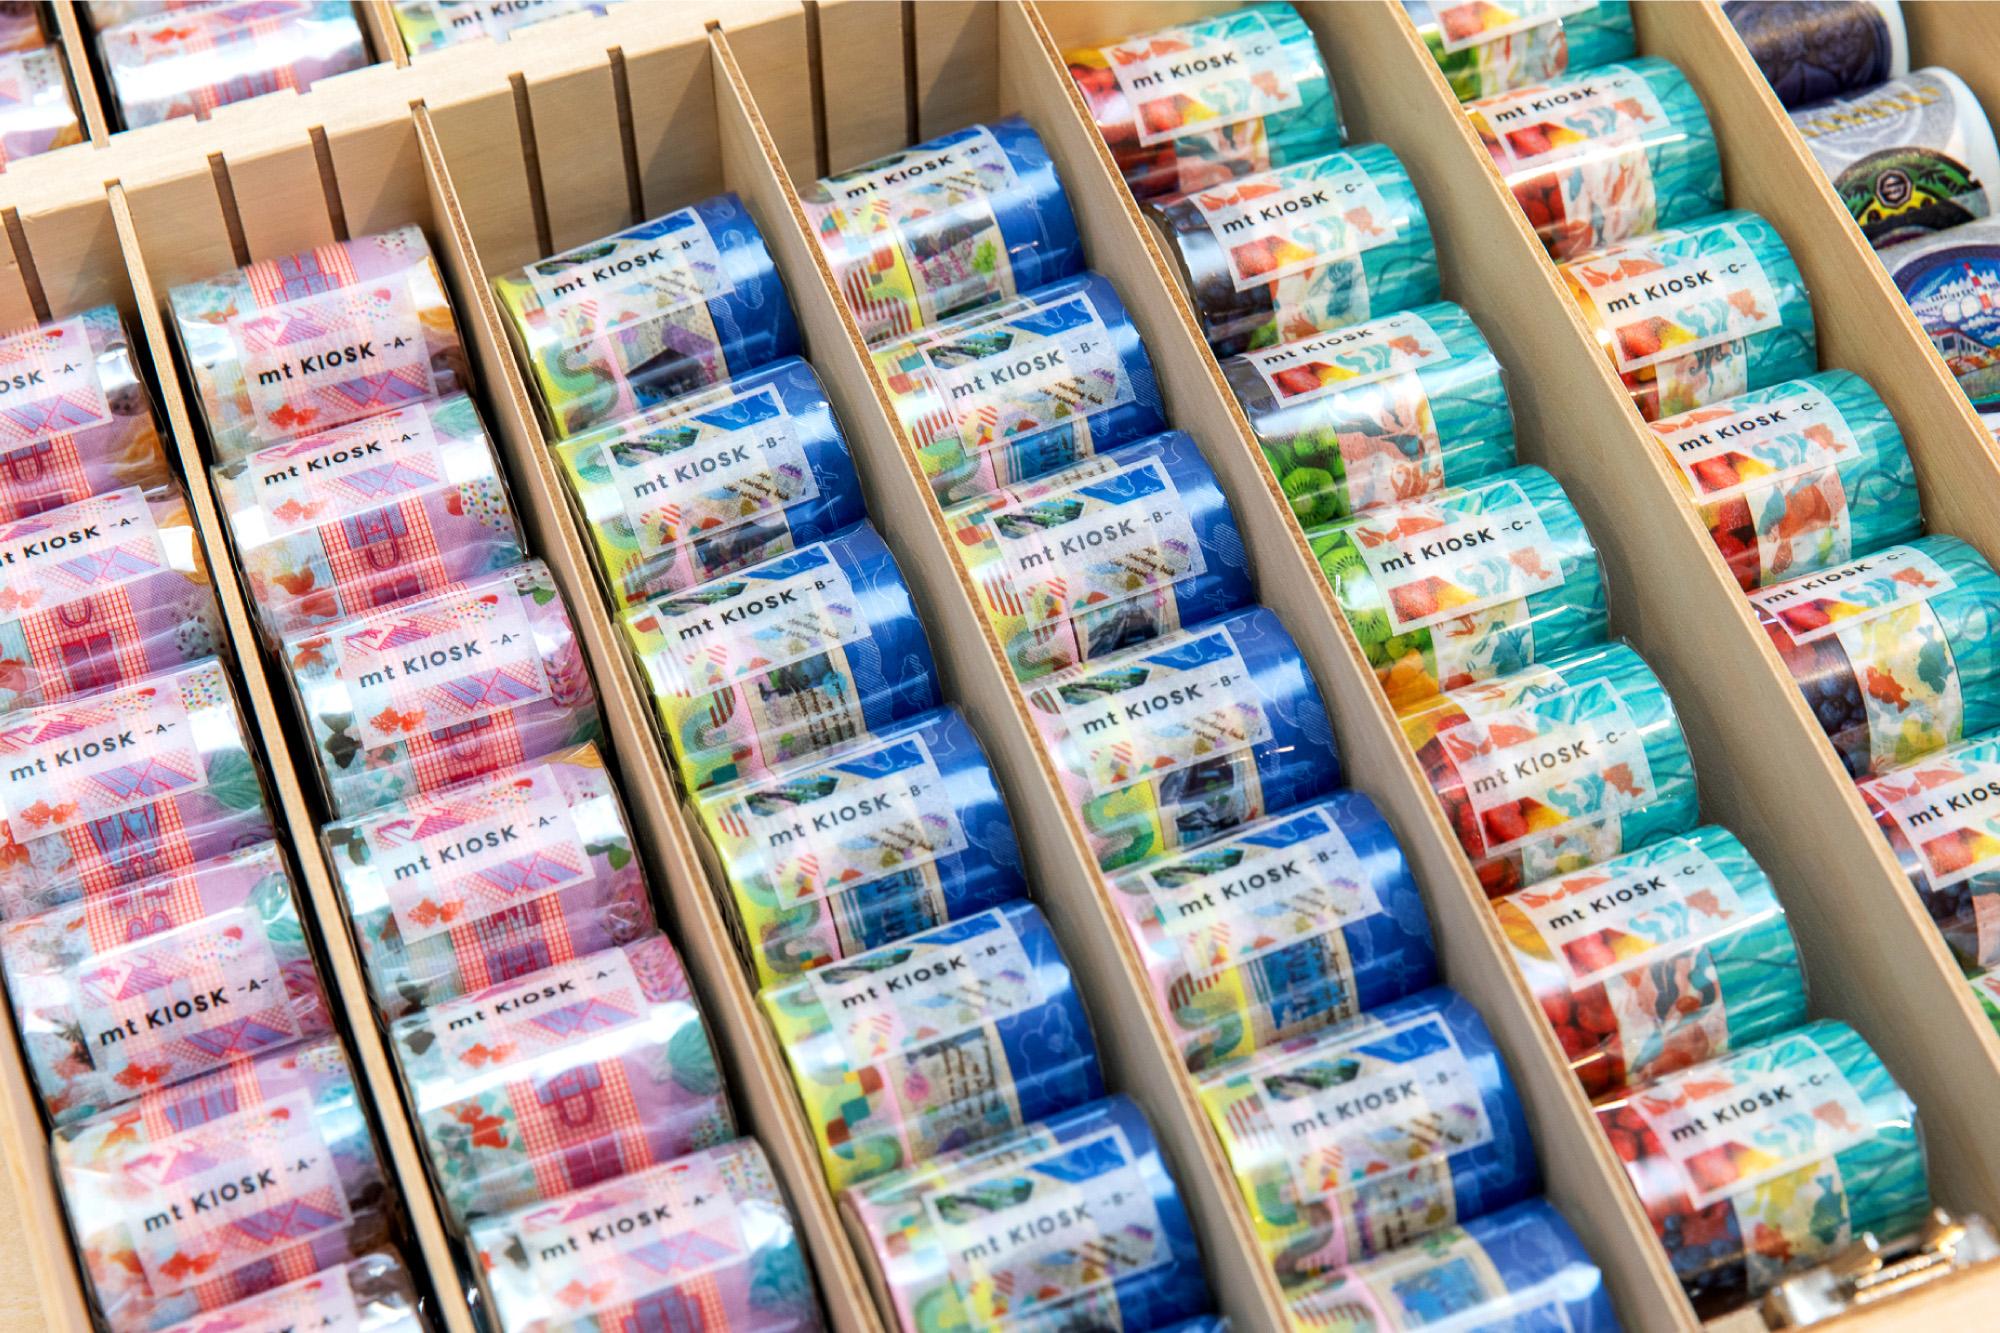 kiosk2021_5.jpg